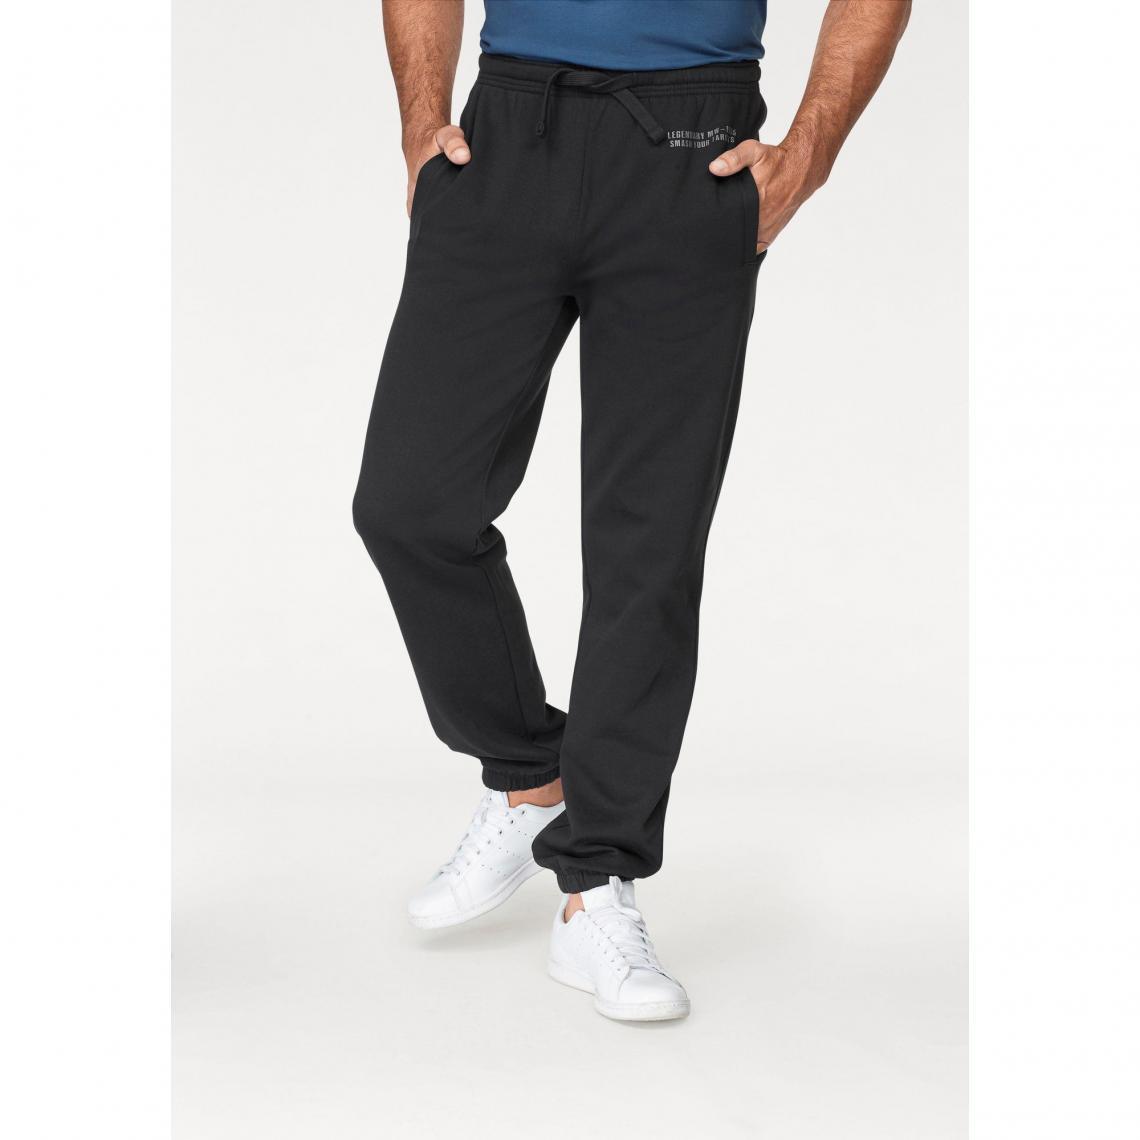 127720c95e451 Pantalon de jogging taille élastiquée homme Man s World - Noir Man s World  Homme